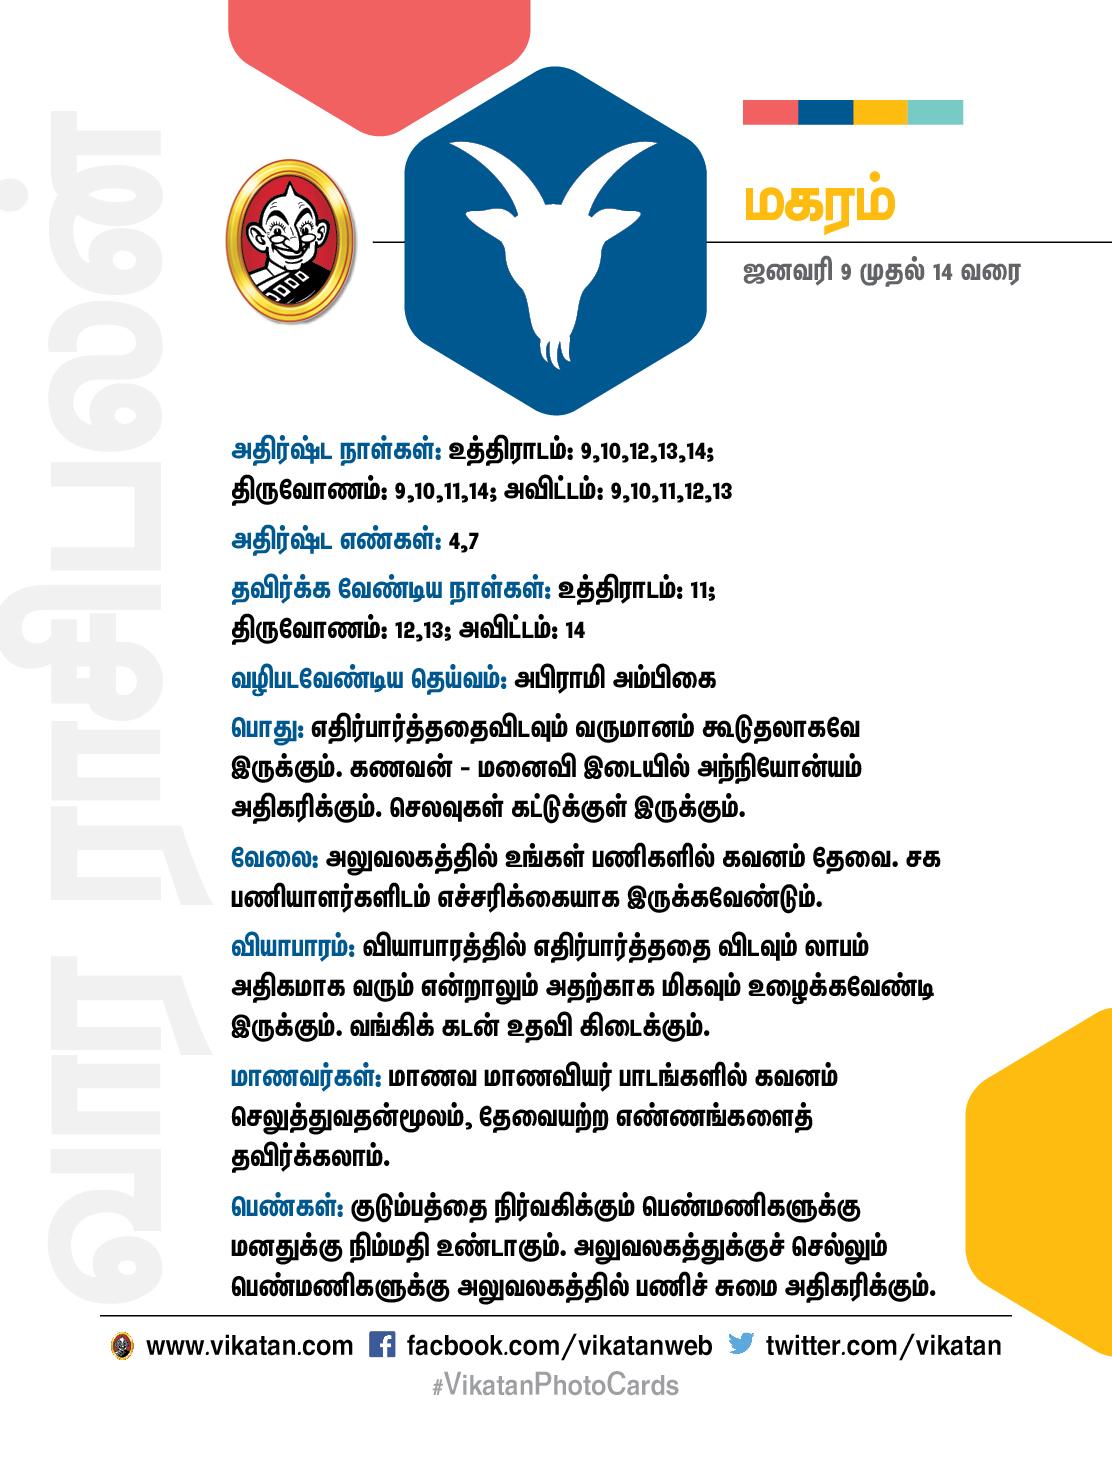 இந்த வார ராசி பலன் ஜனவரி 9 முதல் 14 வரை #VikatanPhotoCards